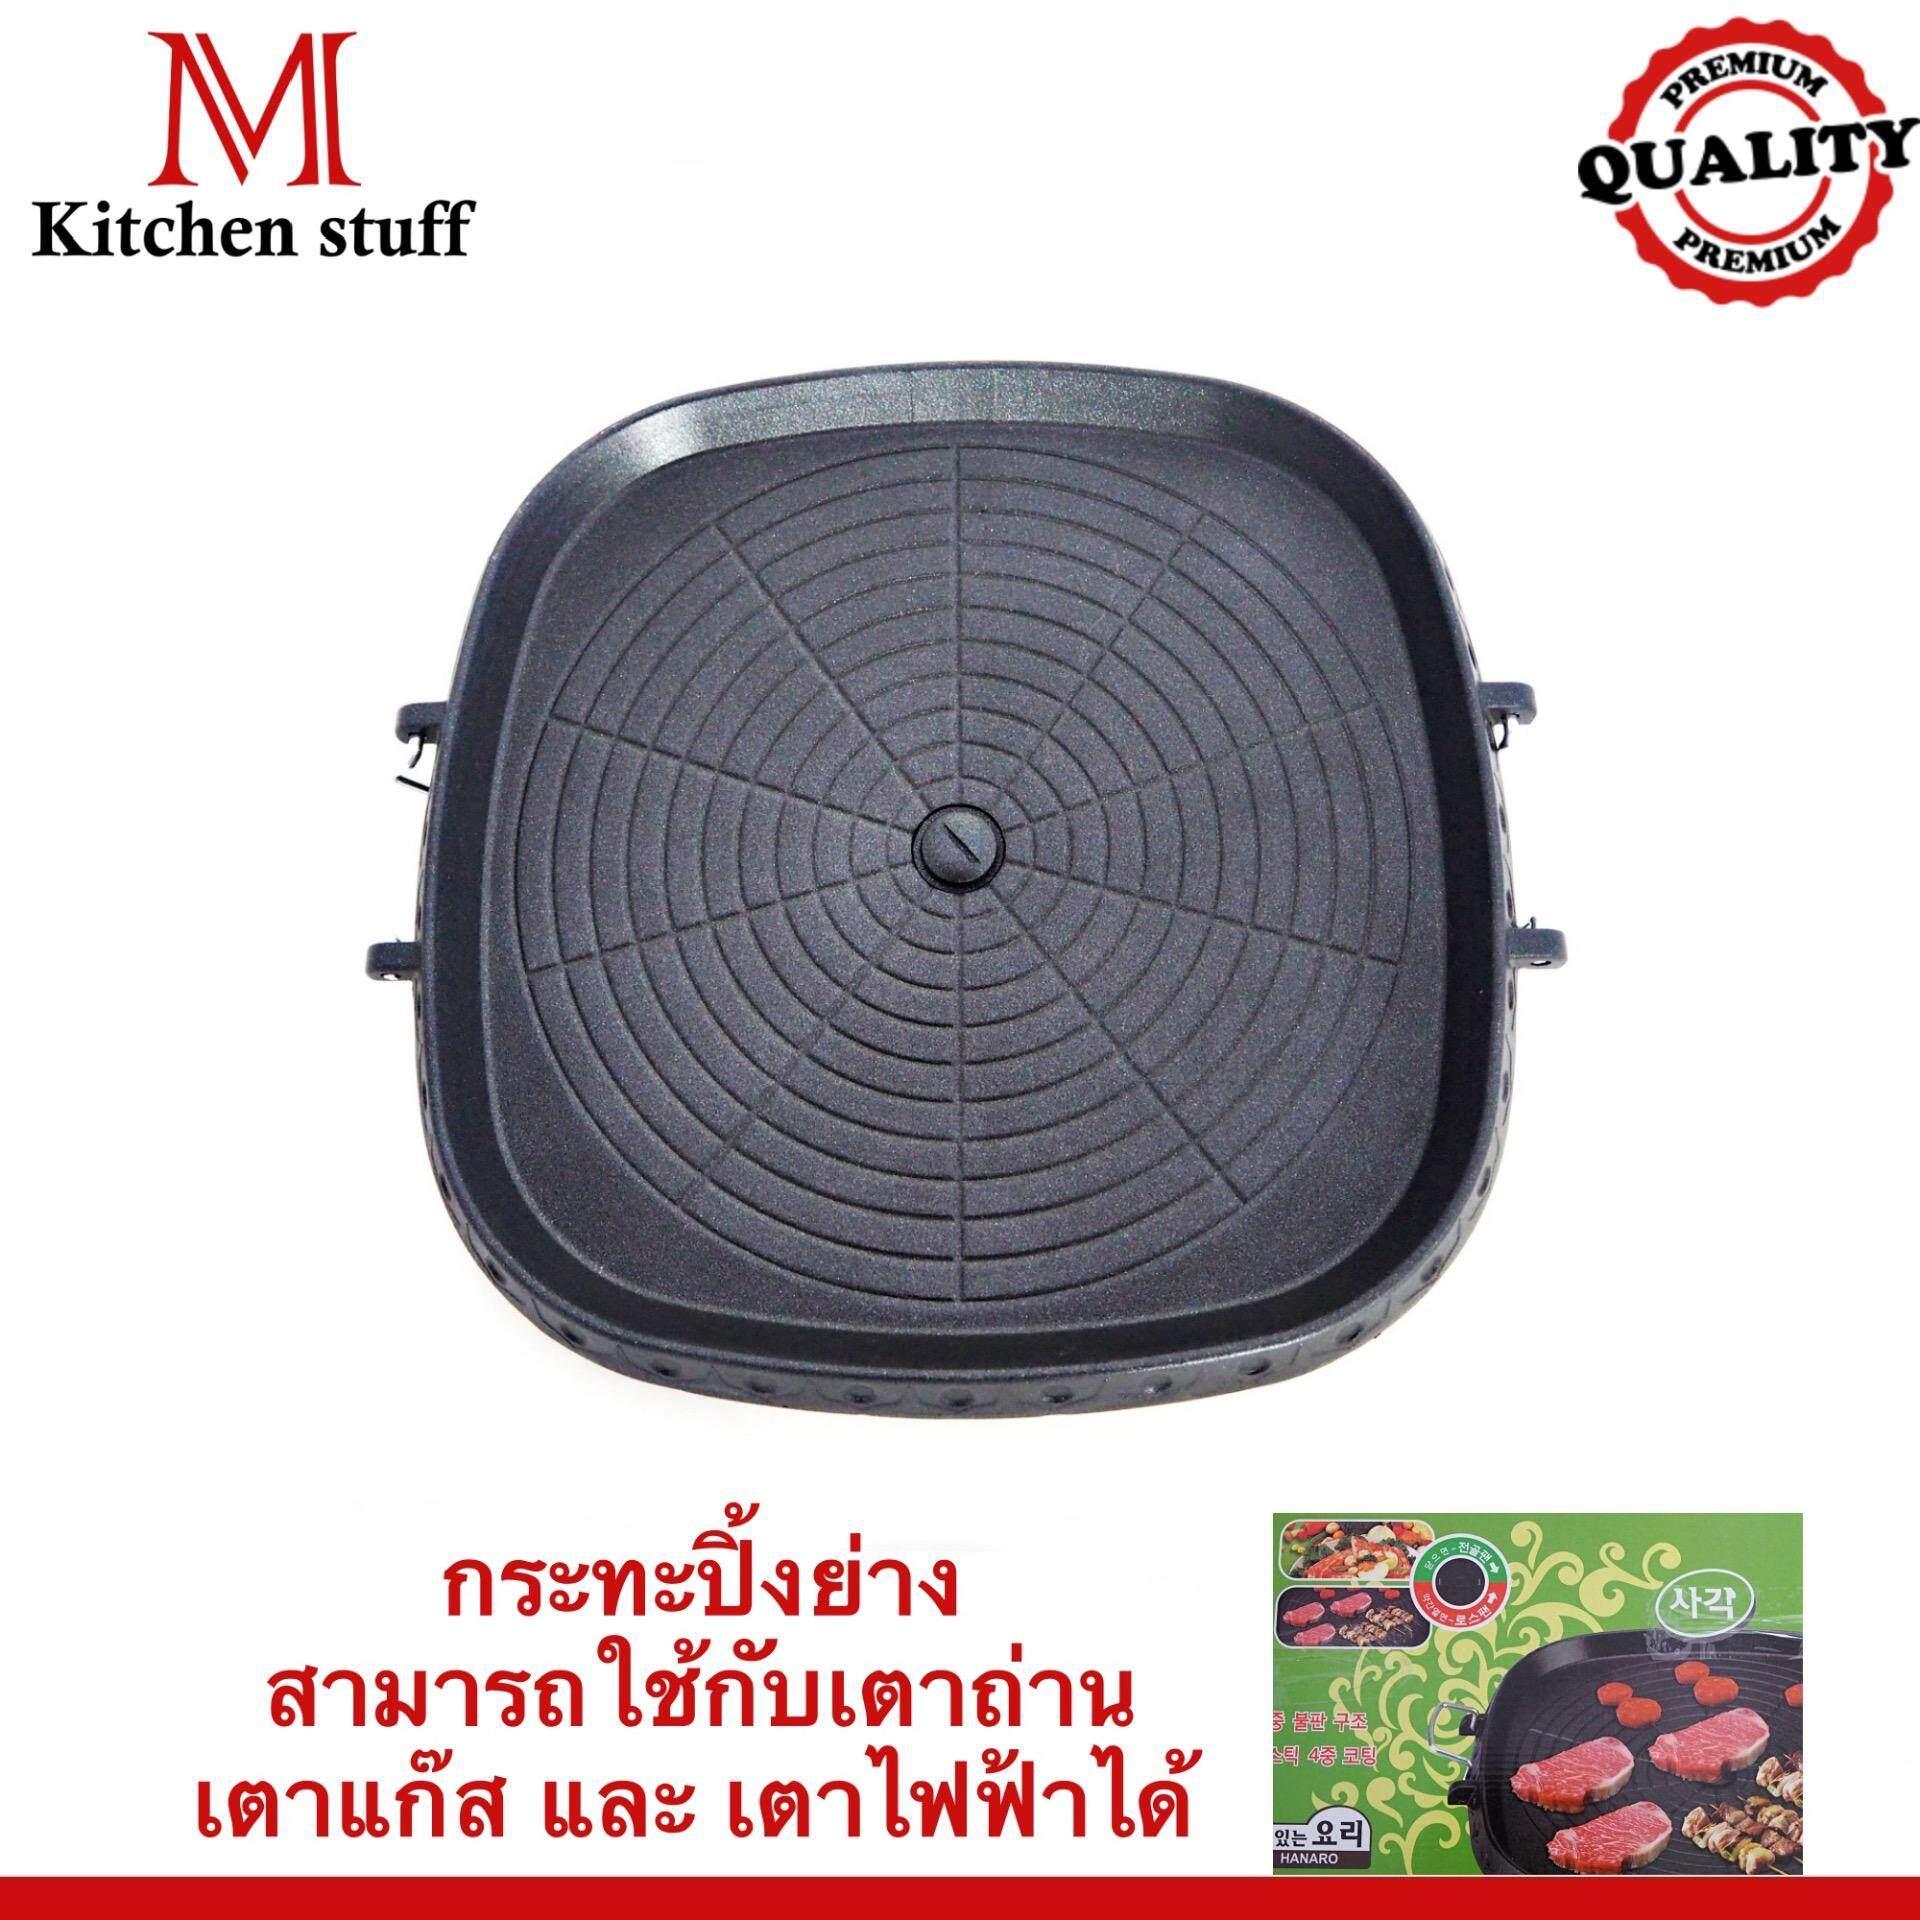 ราคา กระทะปิ้งย่างเกาหลี Multi Square Roaster 32Cm Unbranded Generic ออนไลน์